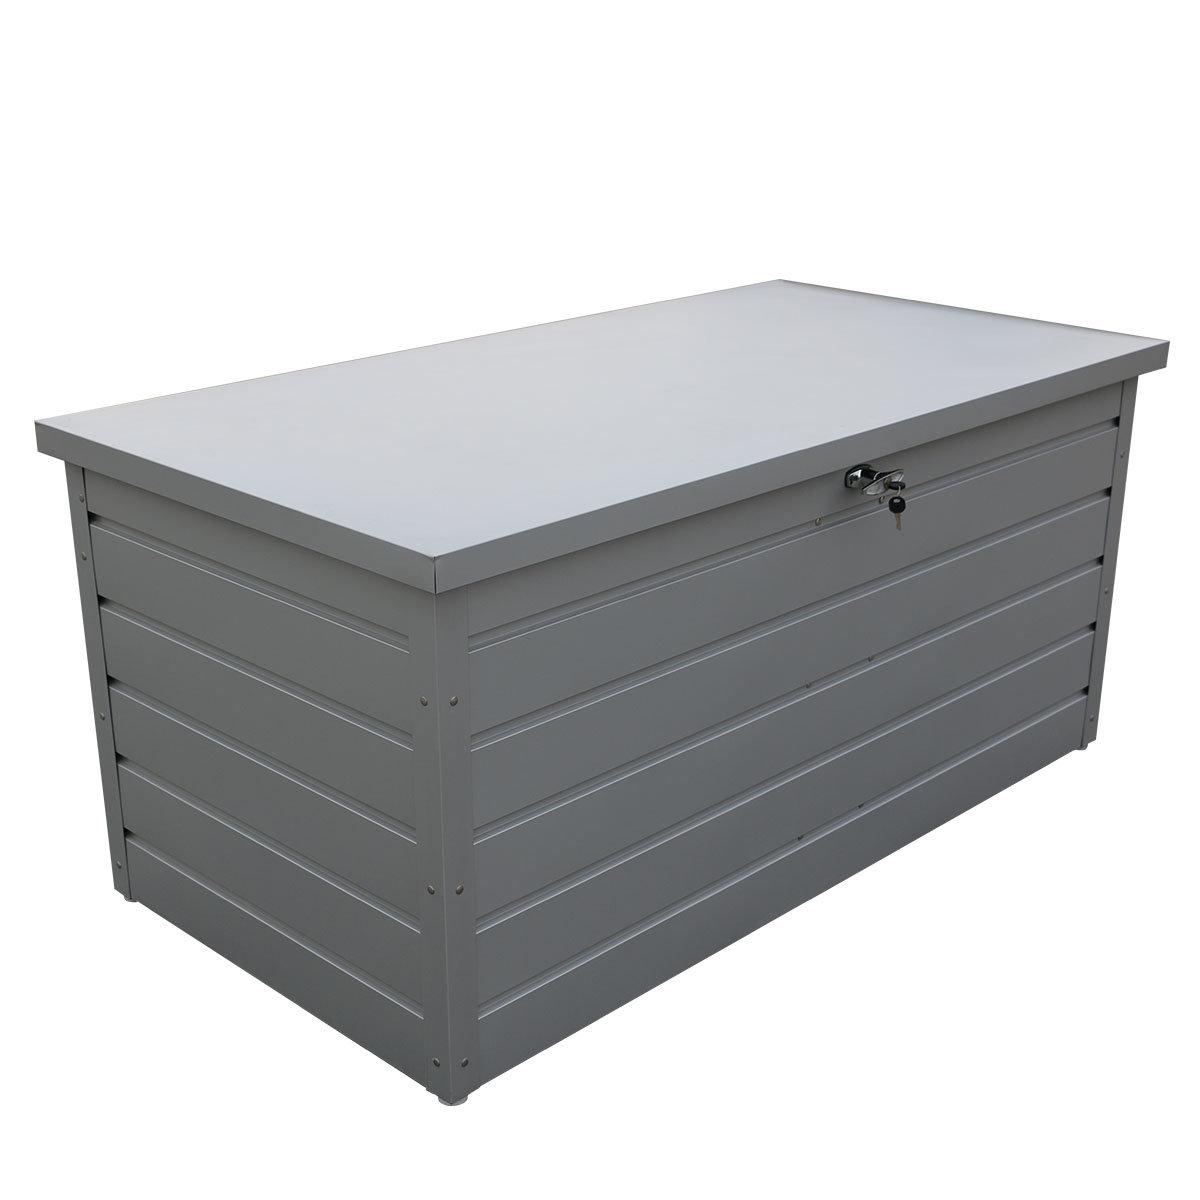 Metall-Gerätebox Palladium